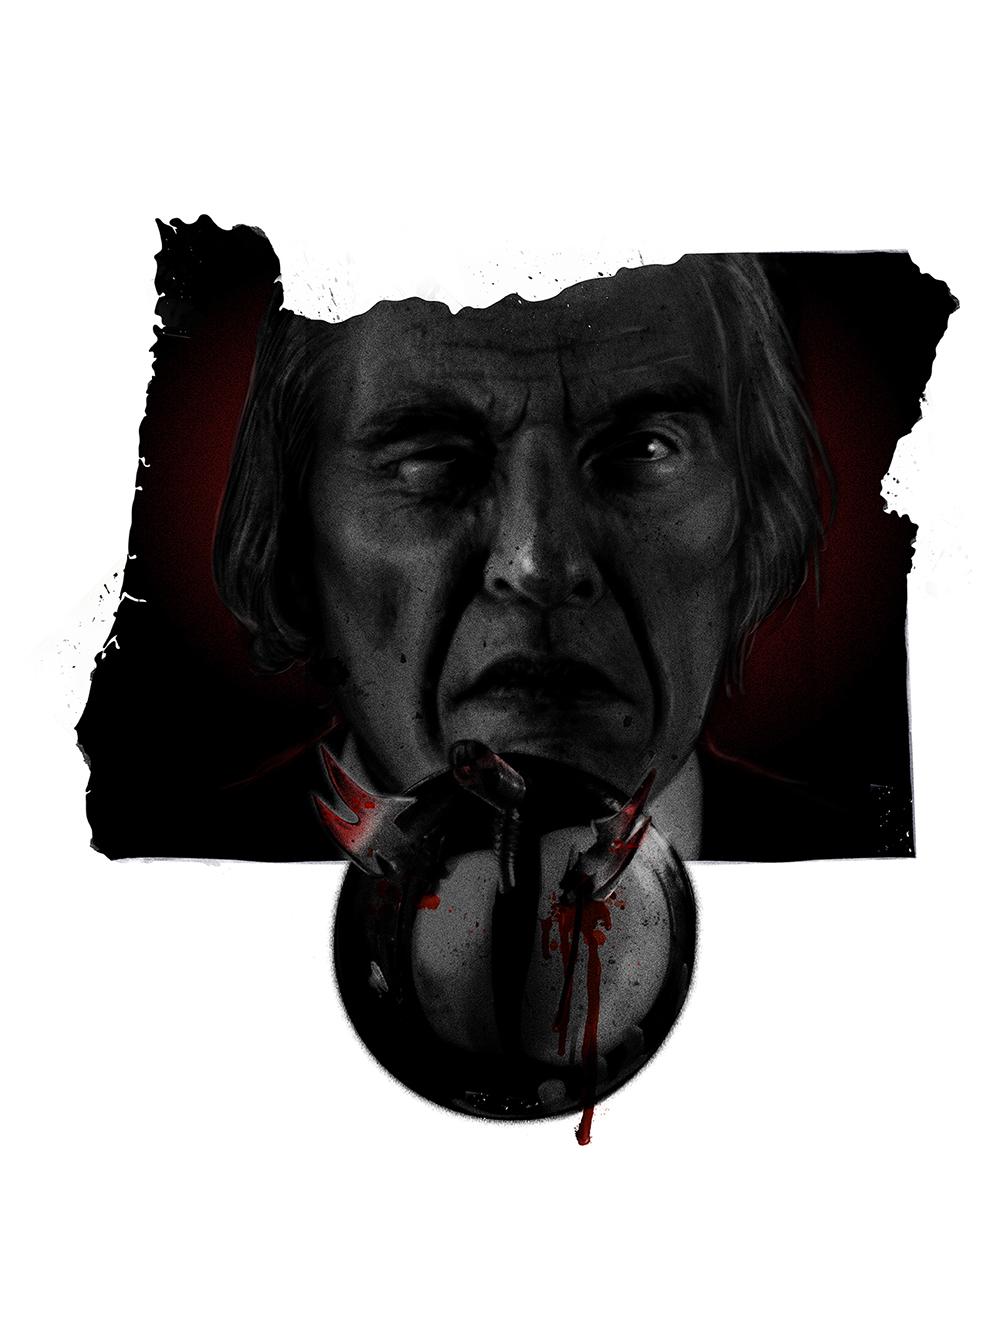 United States of Horror: Oregon